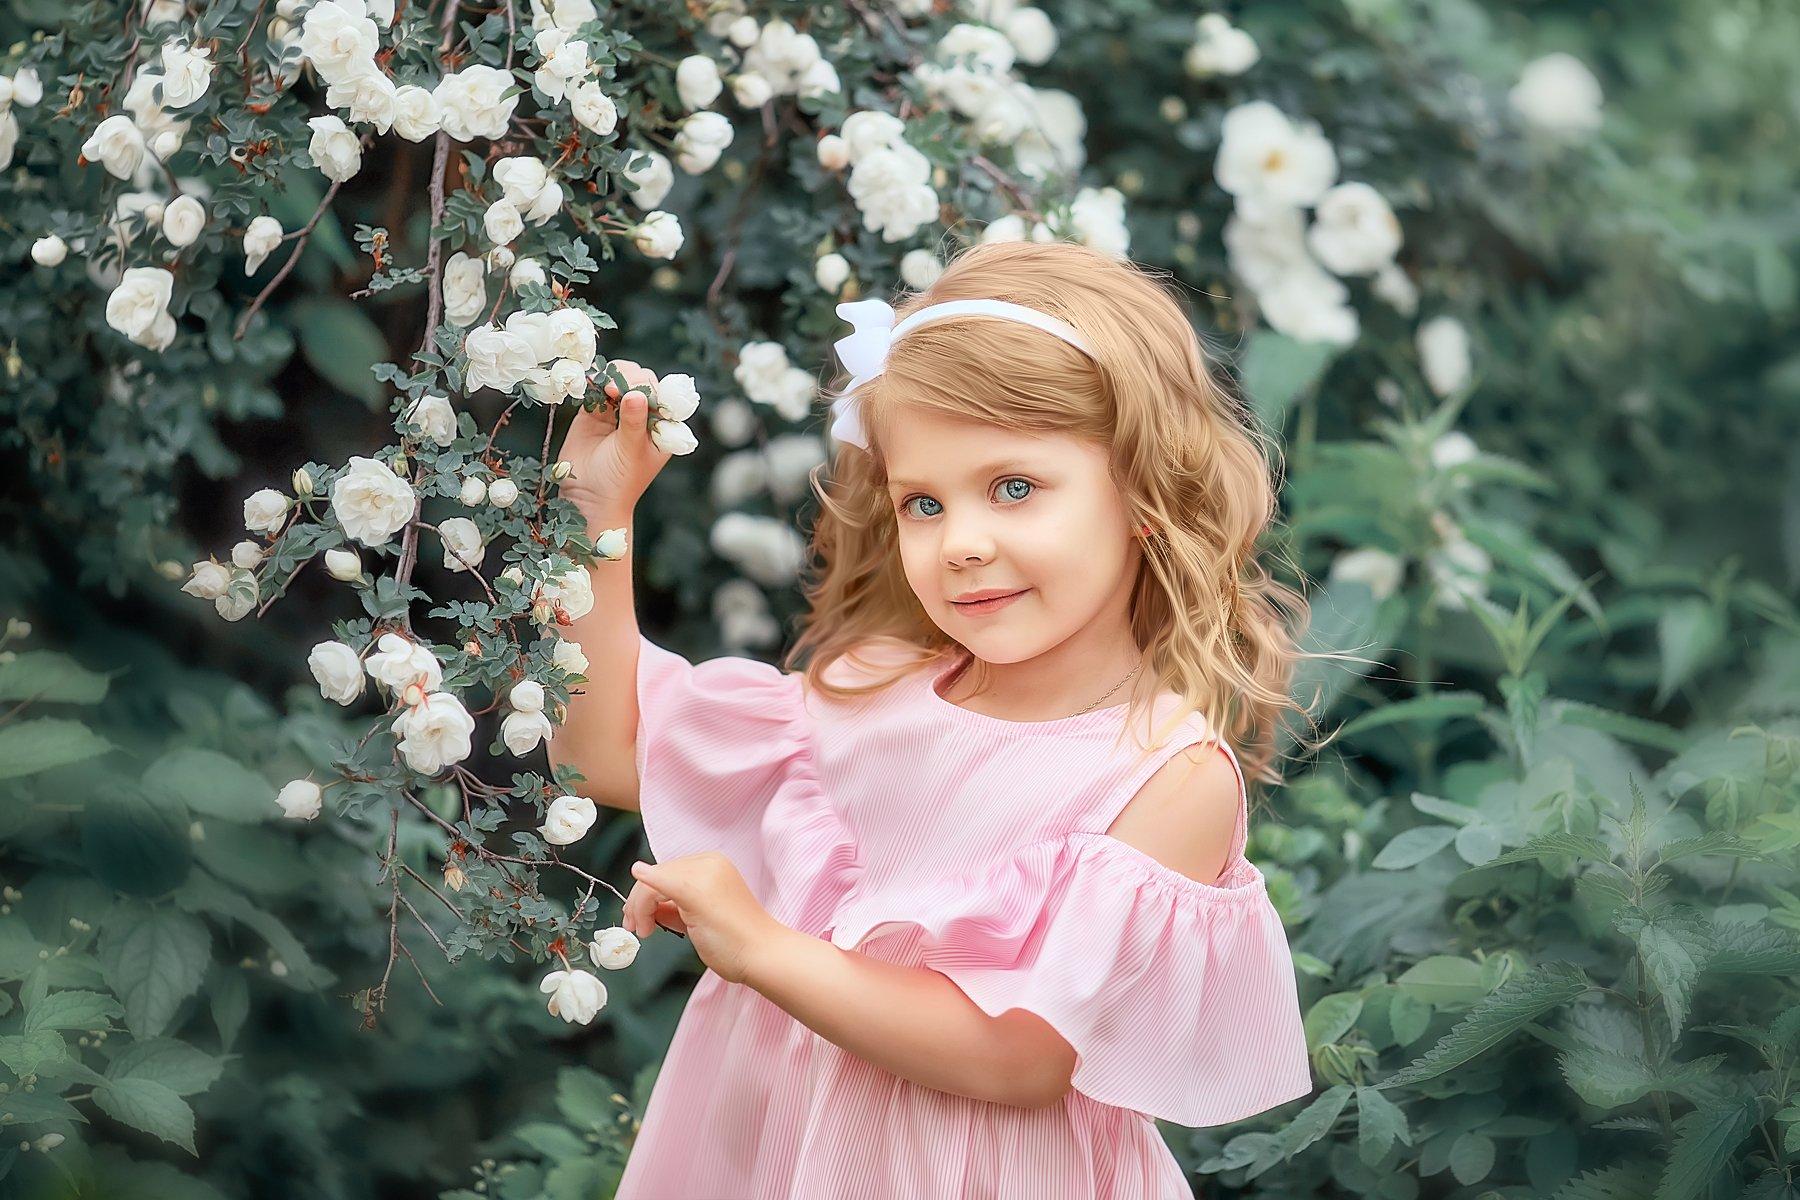 детский портрет, детская фотографий,  лето, дети модели, детский фотограф, Чупико Анастасия